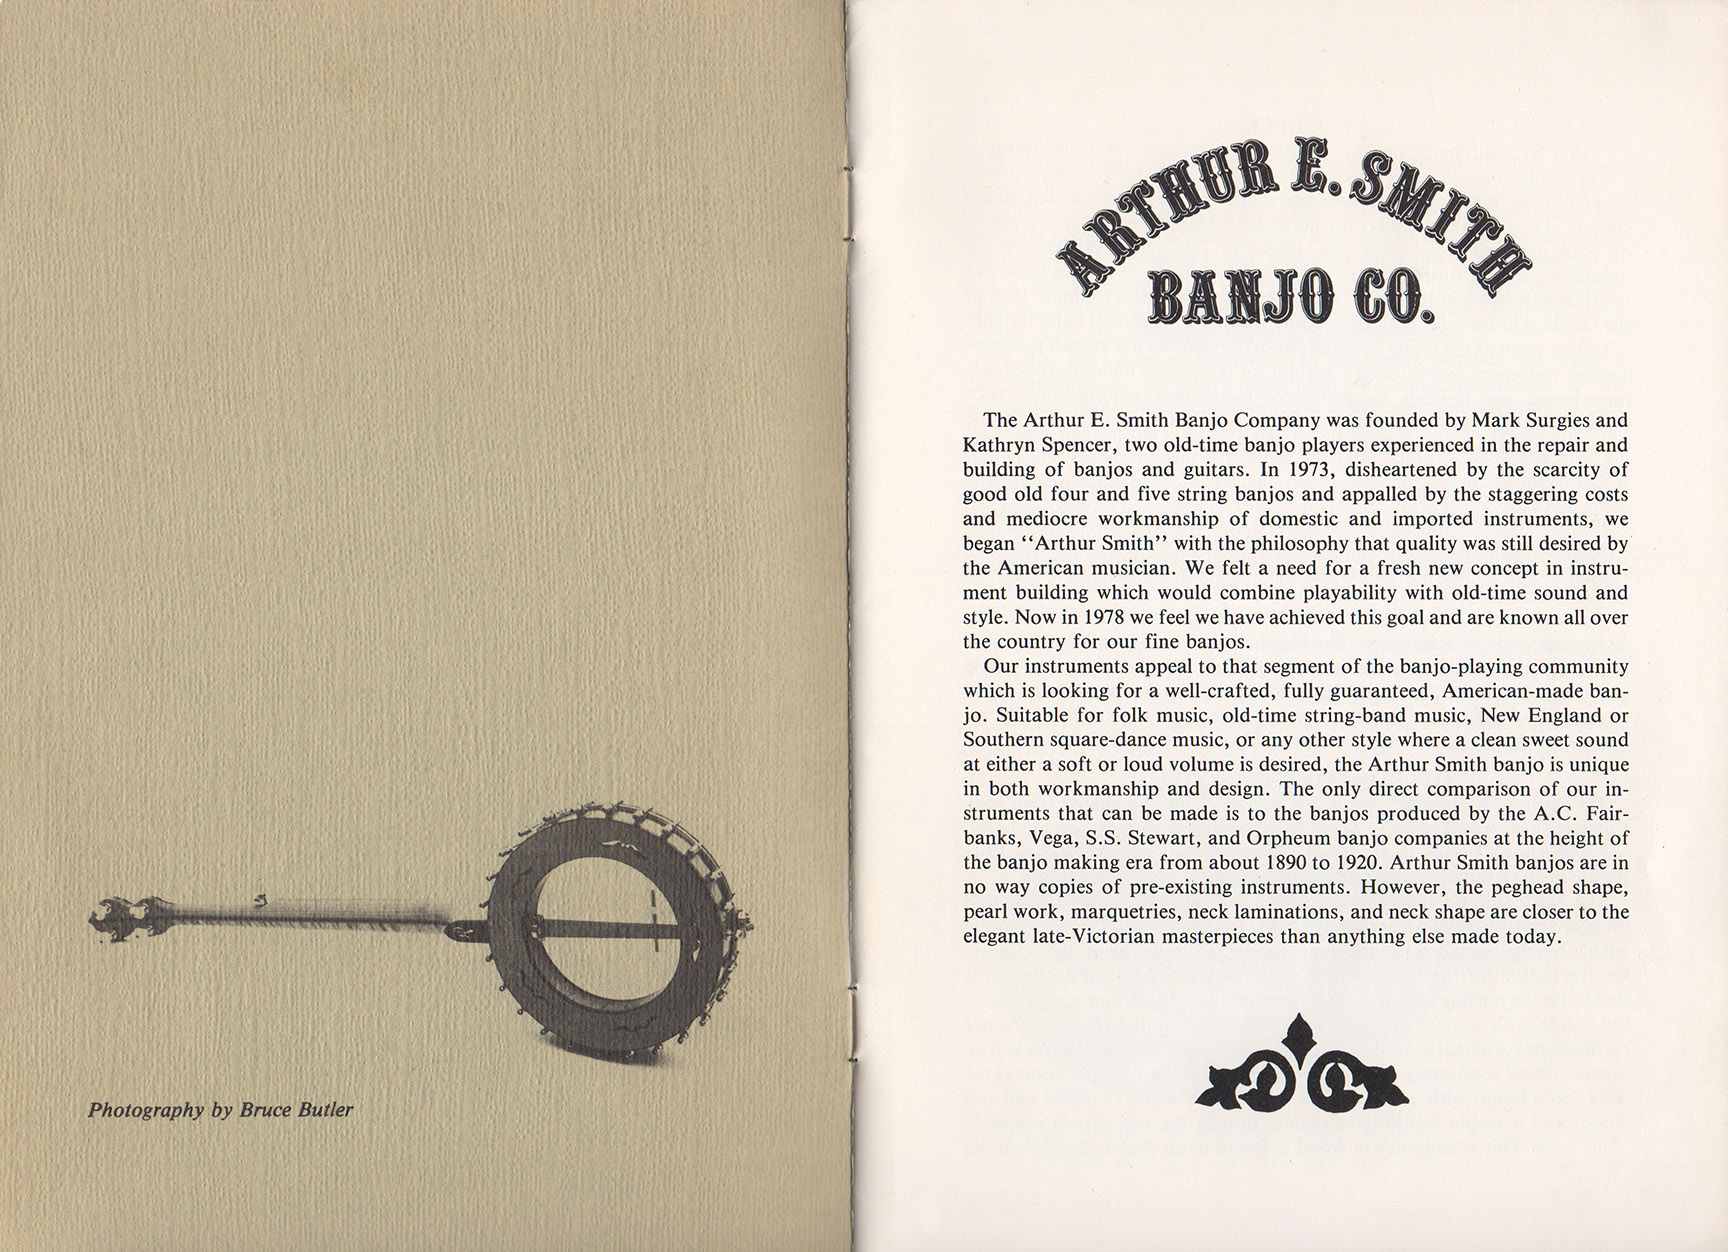 A-E-Smith-Banjo-Company-Catalog-page1-LR